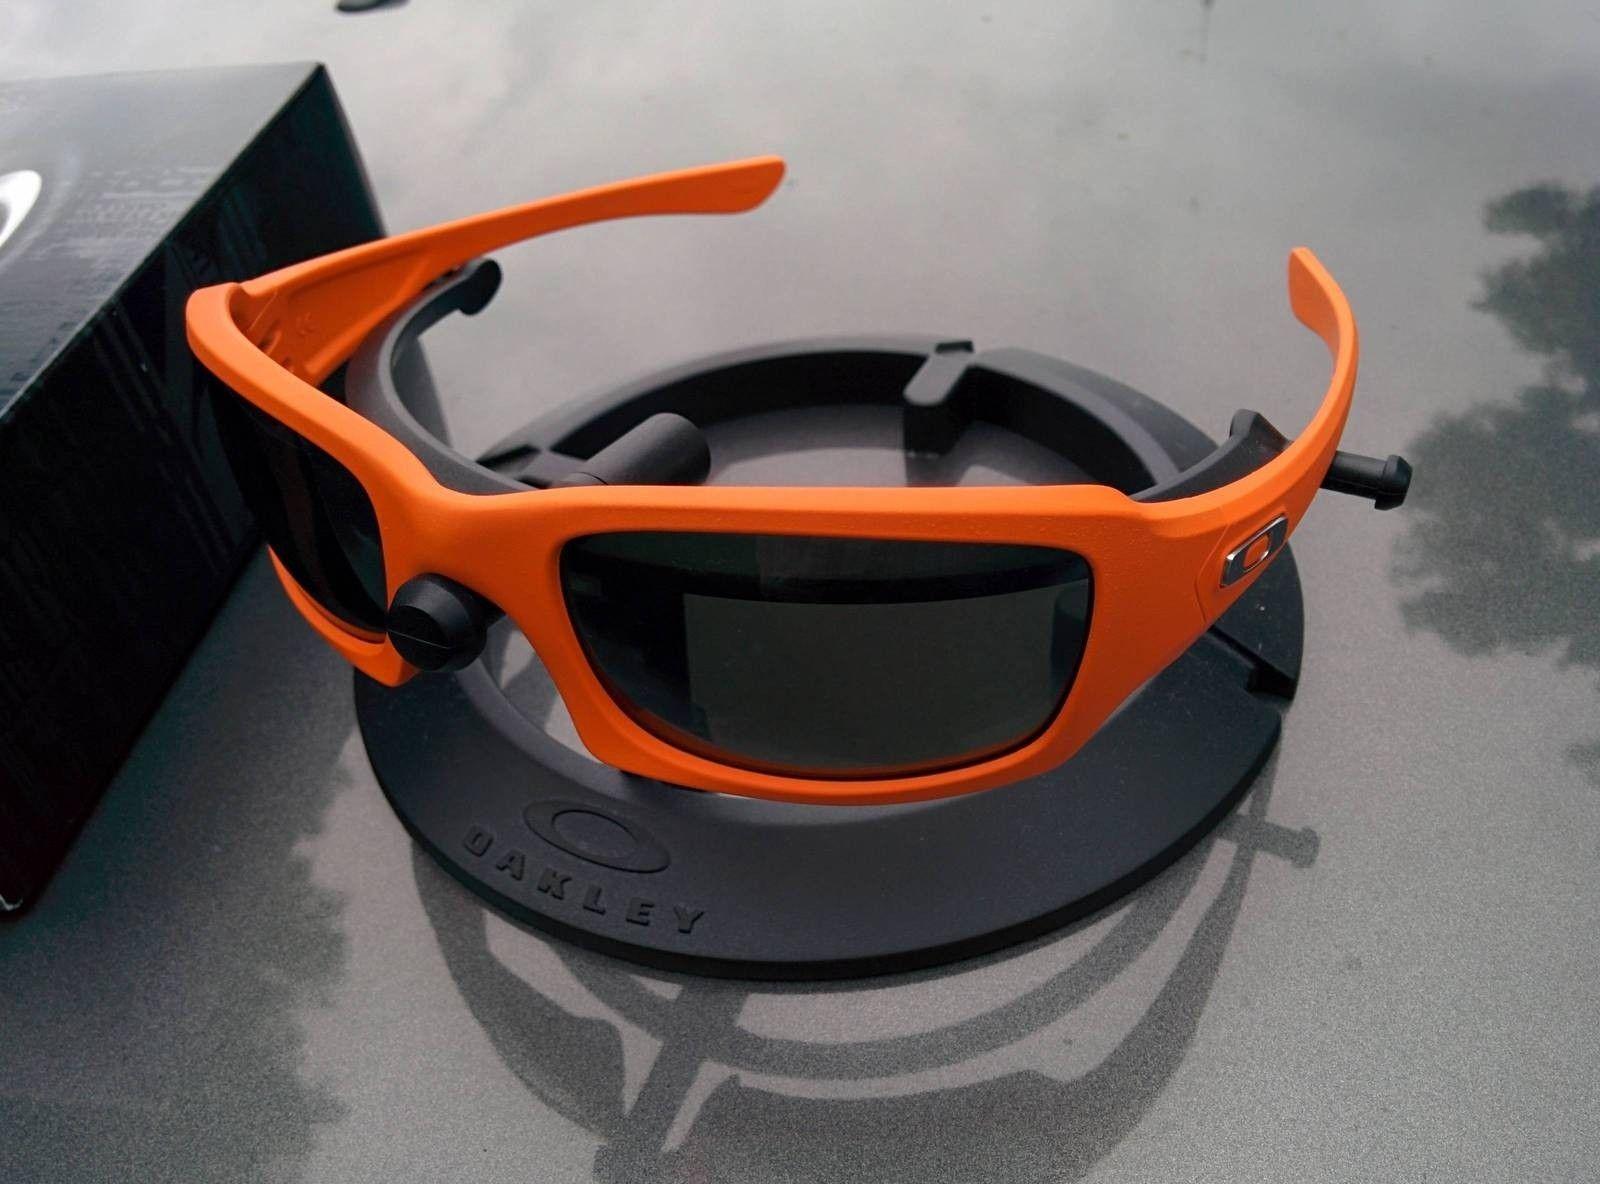 Safety Orange Cerakote Fives Squared/Grey Lens - dP36KbH.jpg